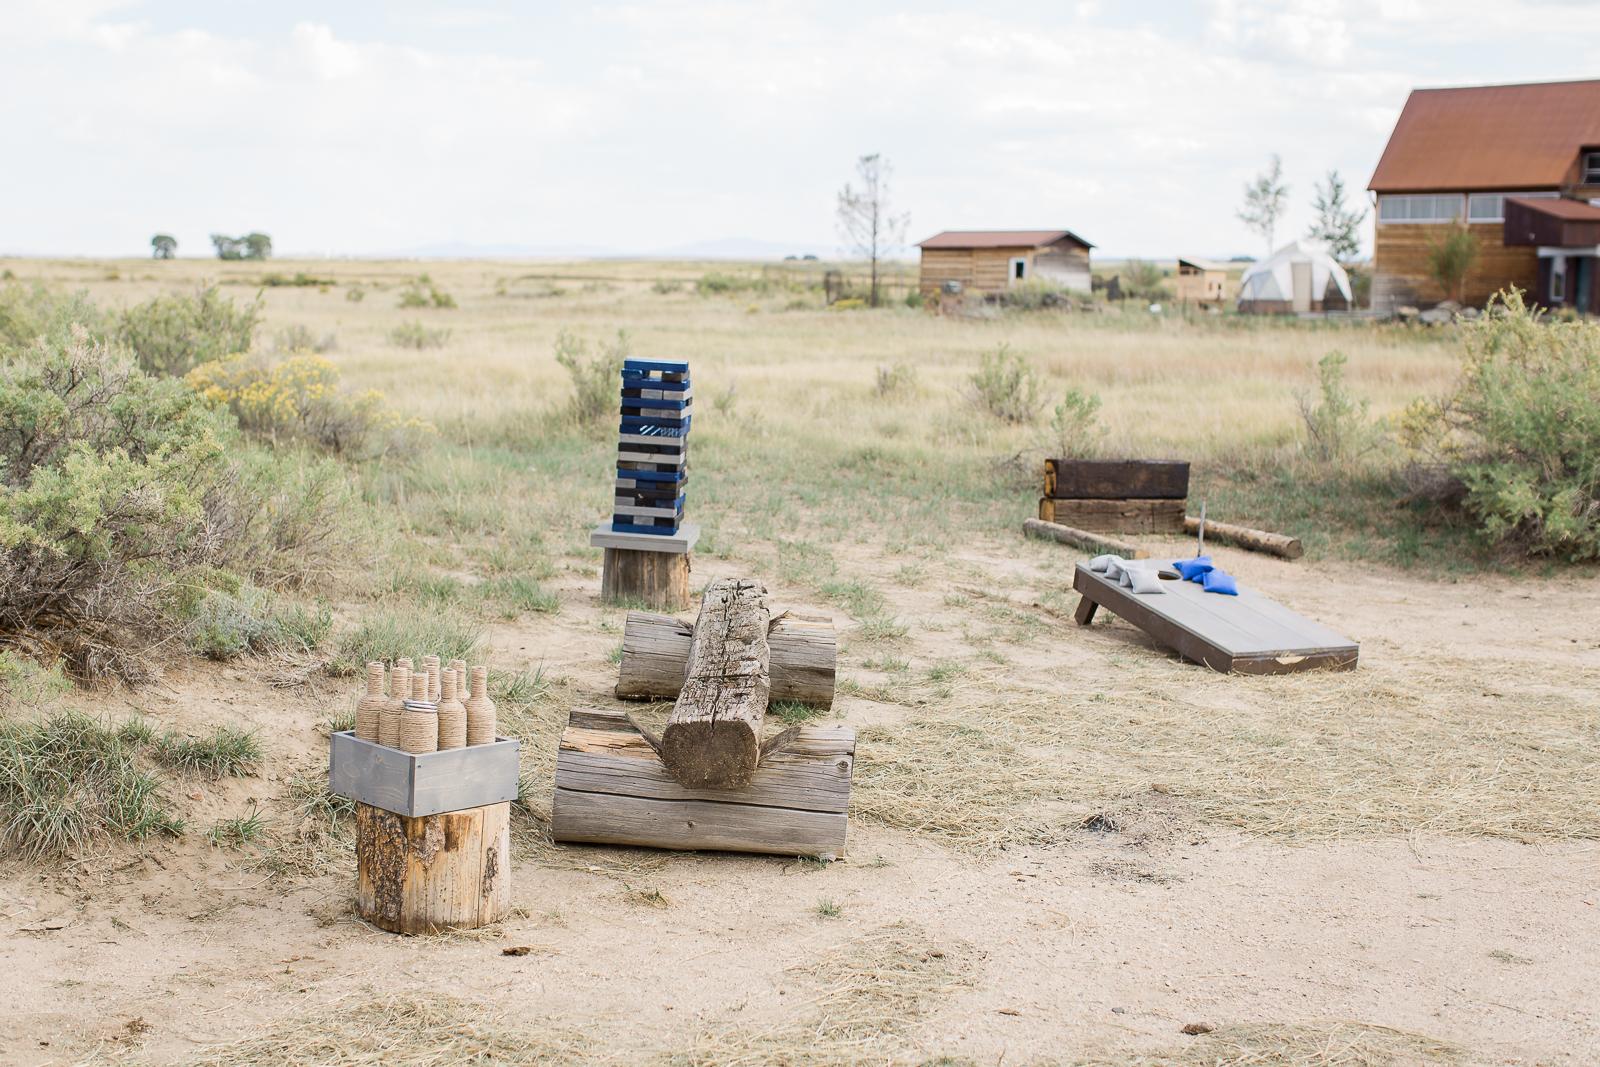 Yard games at boho inspired wedding in Wyoming